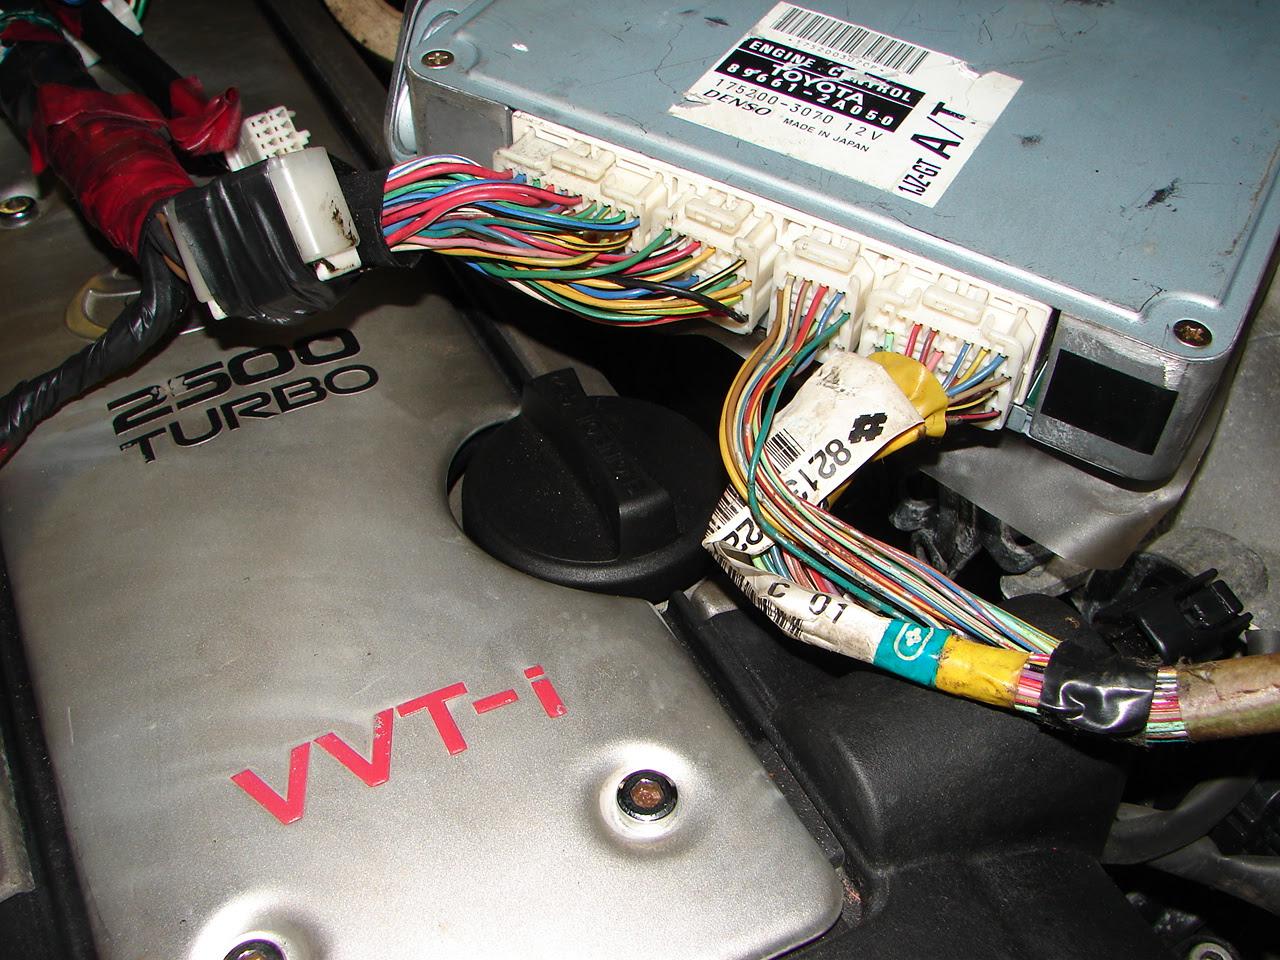 1jz Gte Vvti Need Ecu Pinout Pics Inside Toyota Jzx100 Discussion Jzx World Forums